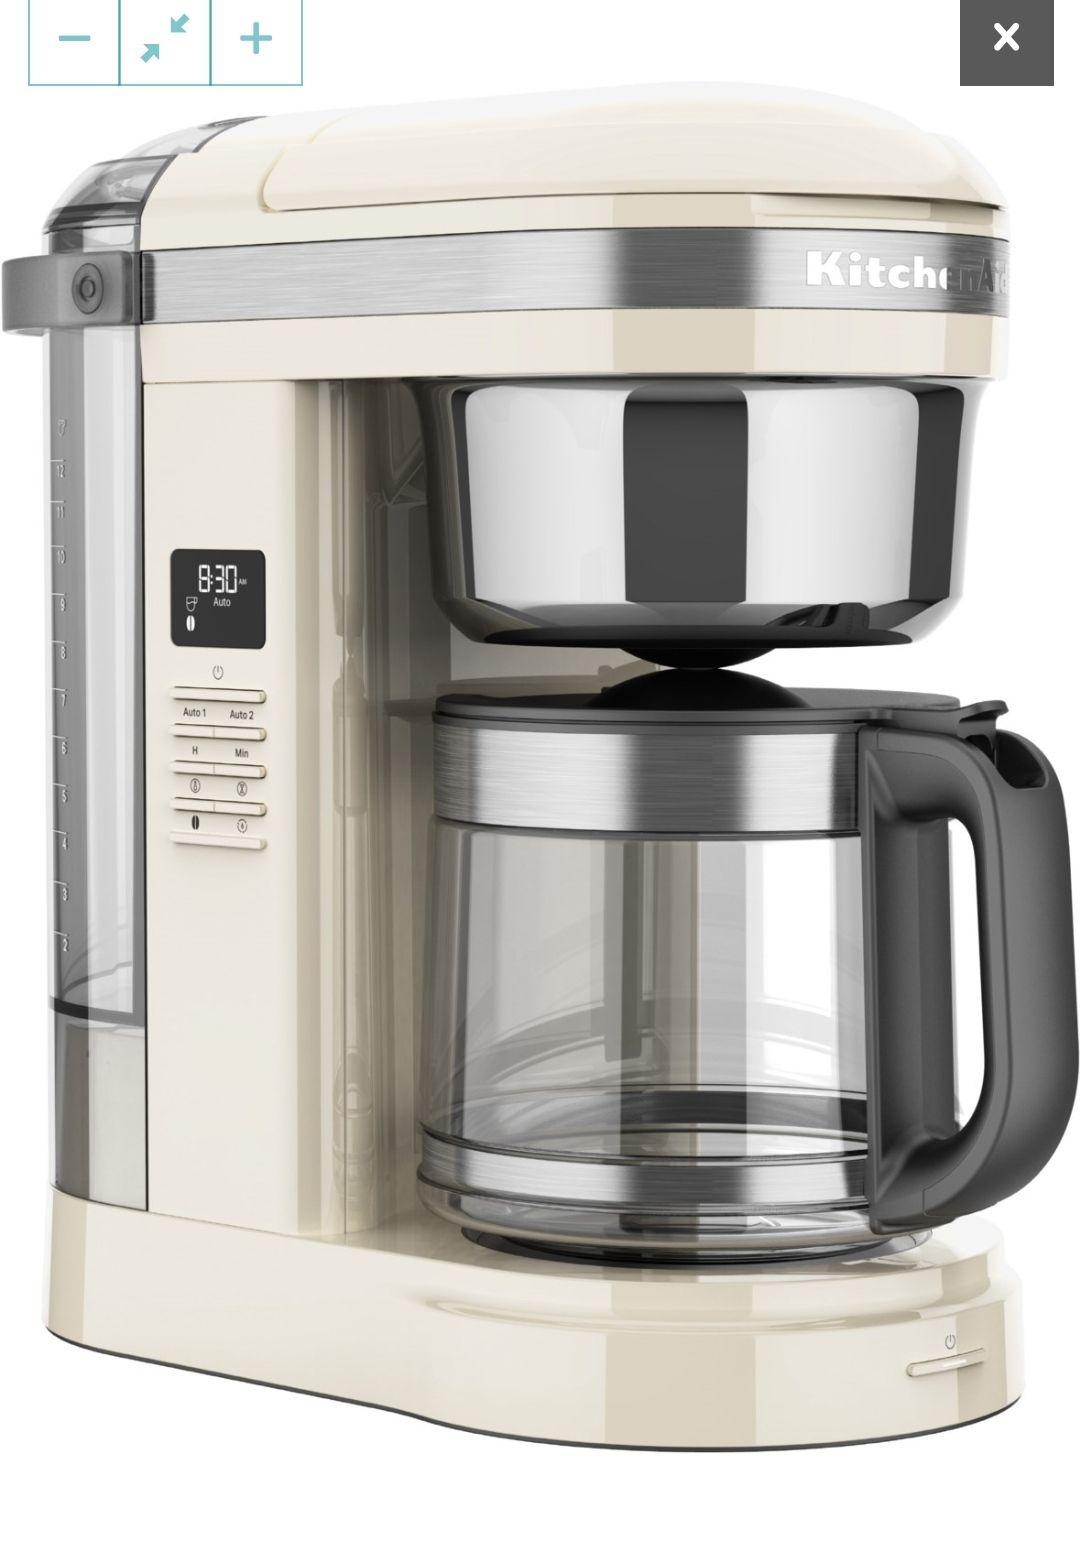 KitchenAid 5KCM120 5KCM1209EAC Creme